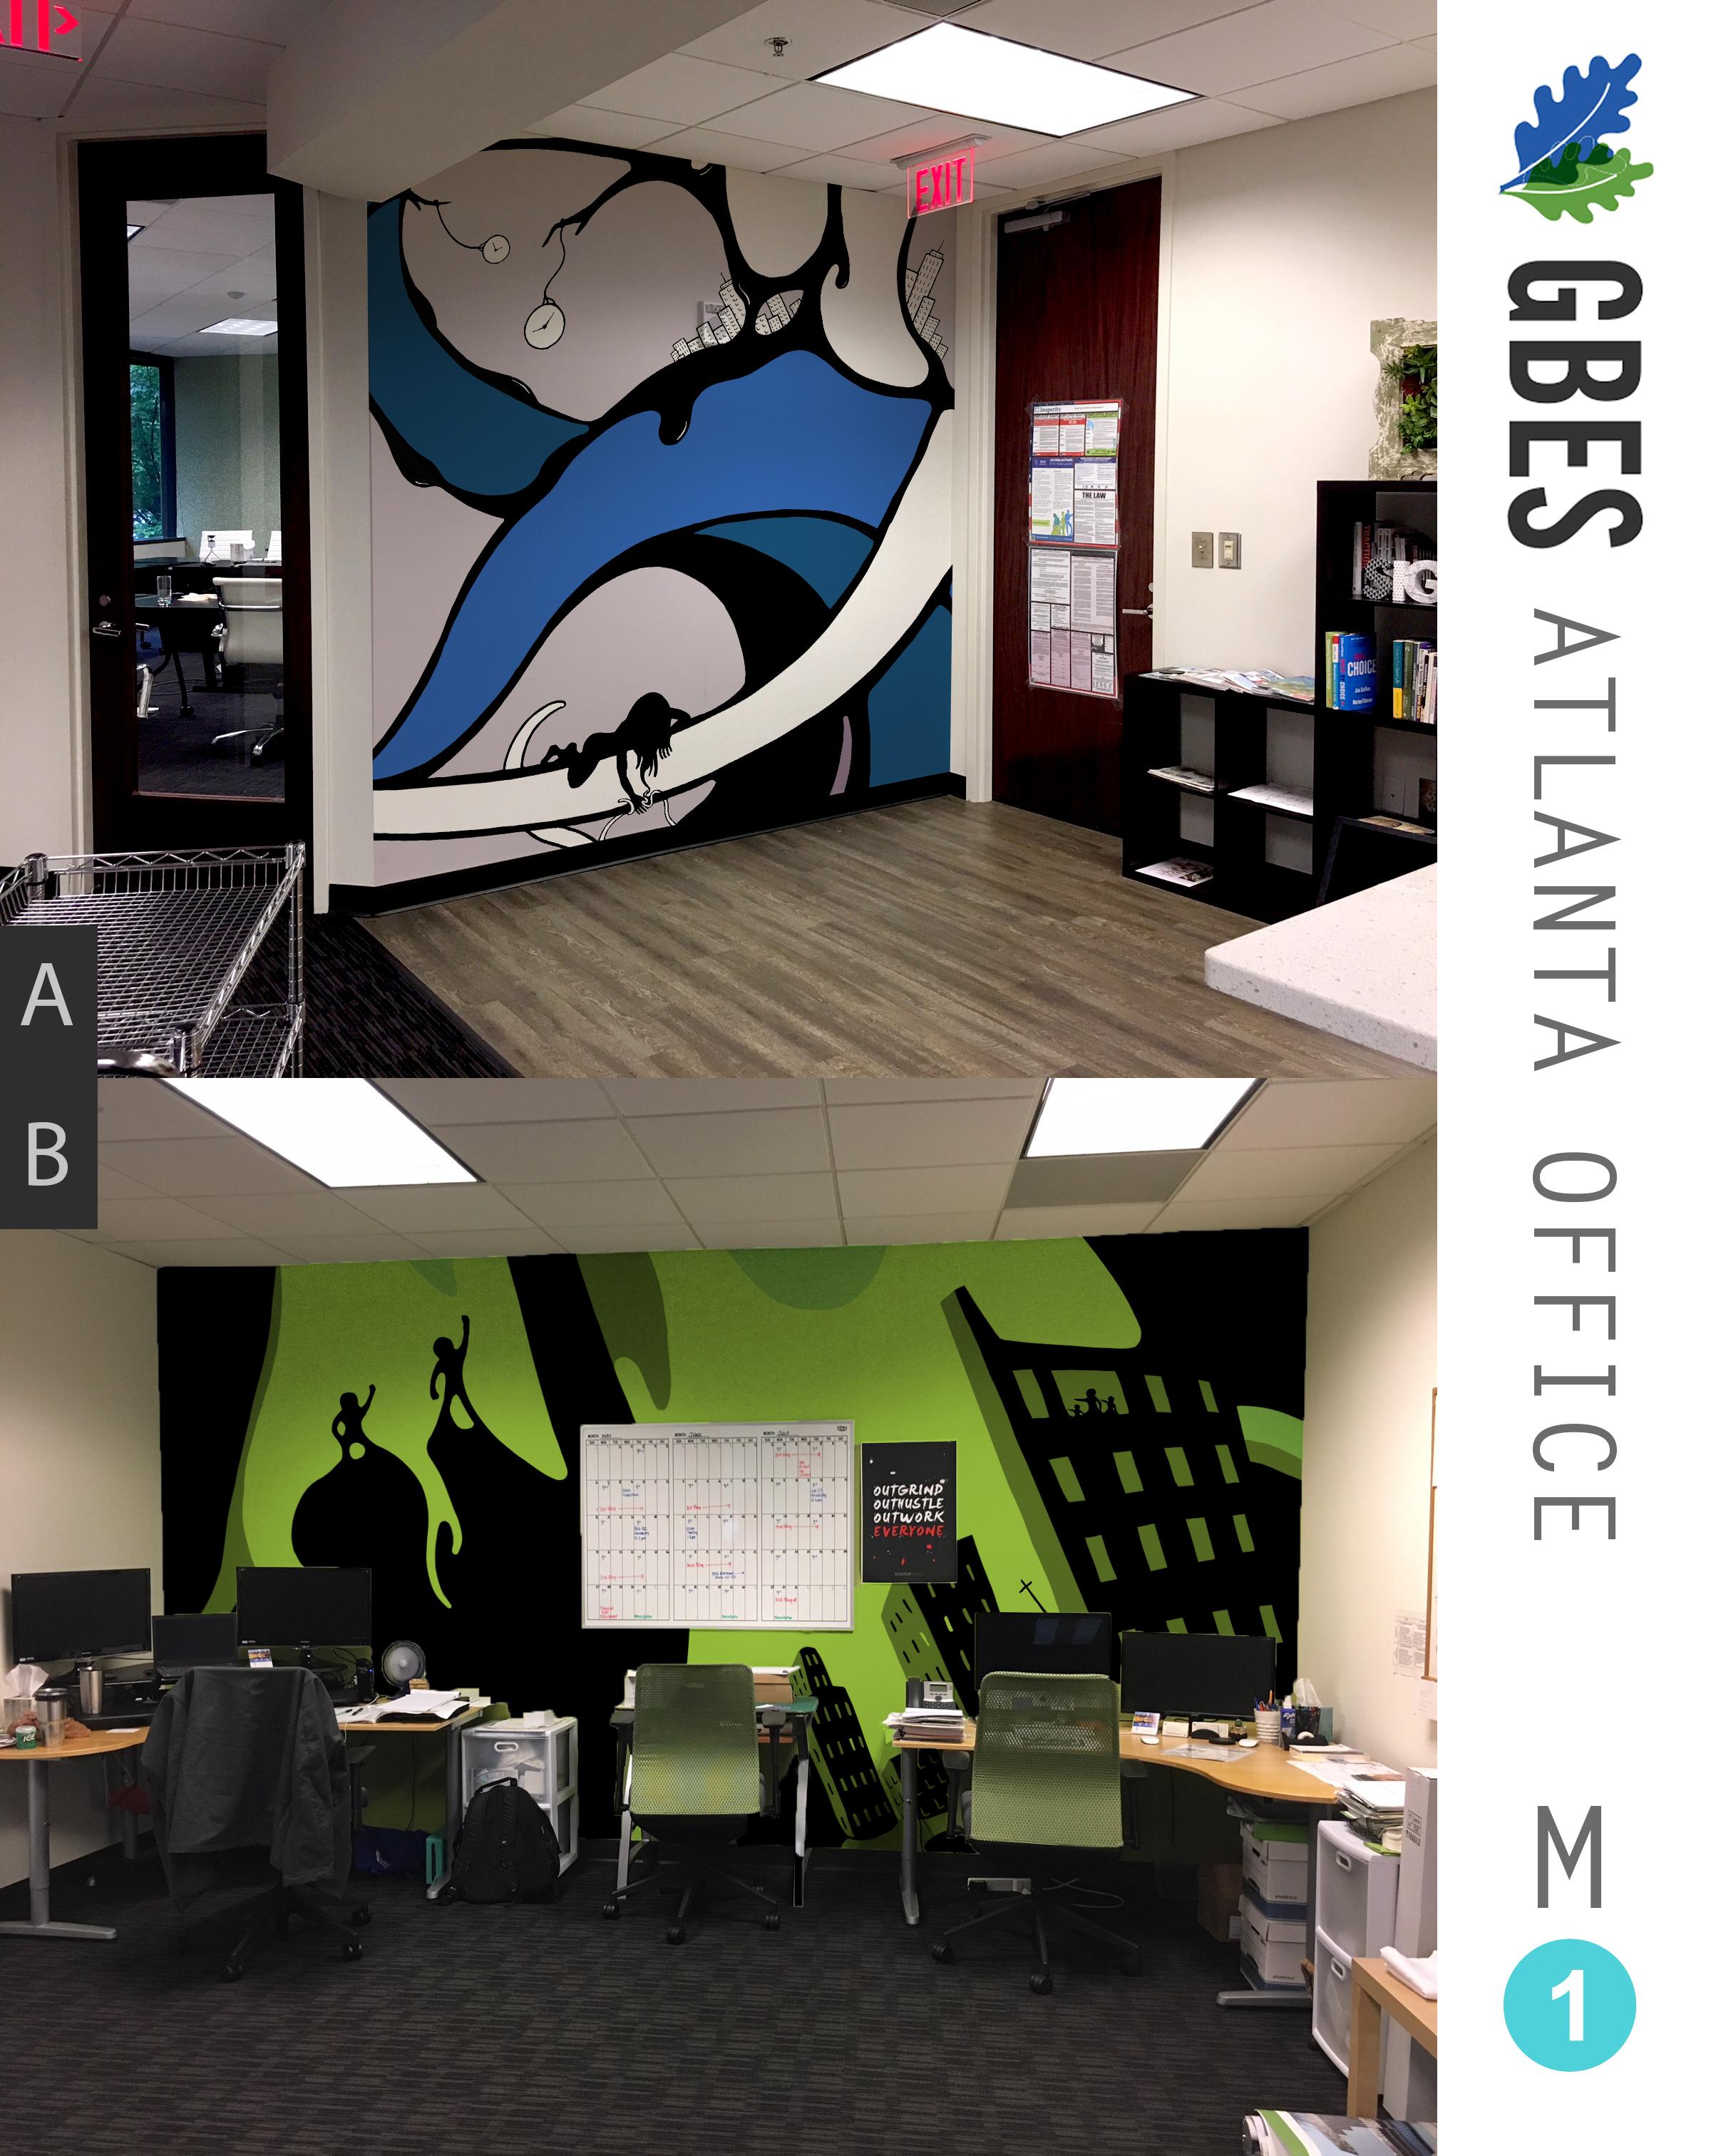 gbes-mural-mock-01